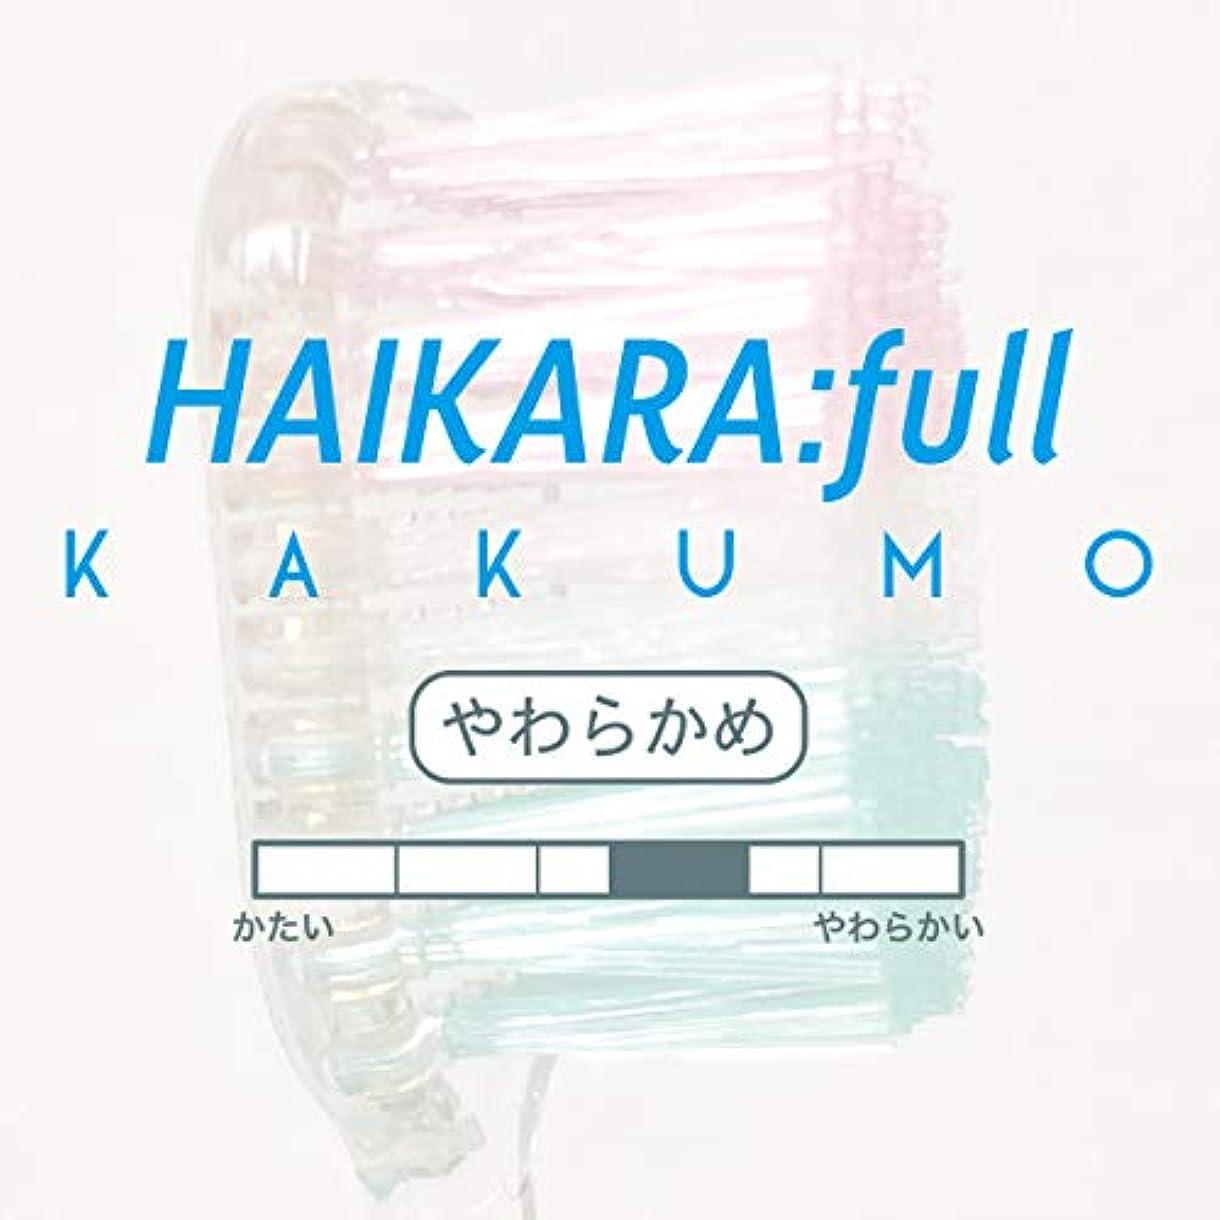 ポータル美容師レジワイドヘッド歯ブラシ ハイカラフル カクモウ HAIKARA:full -KAKUMO- (12本セット, やわらかめ)